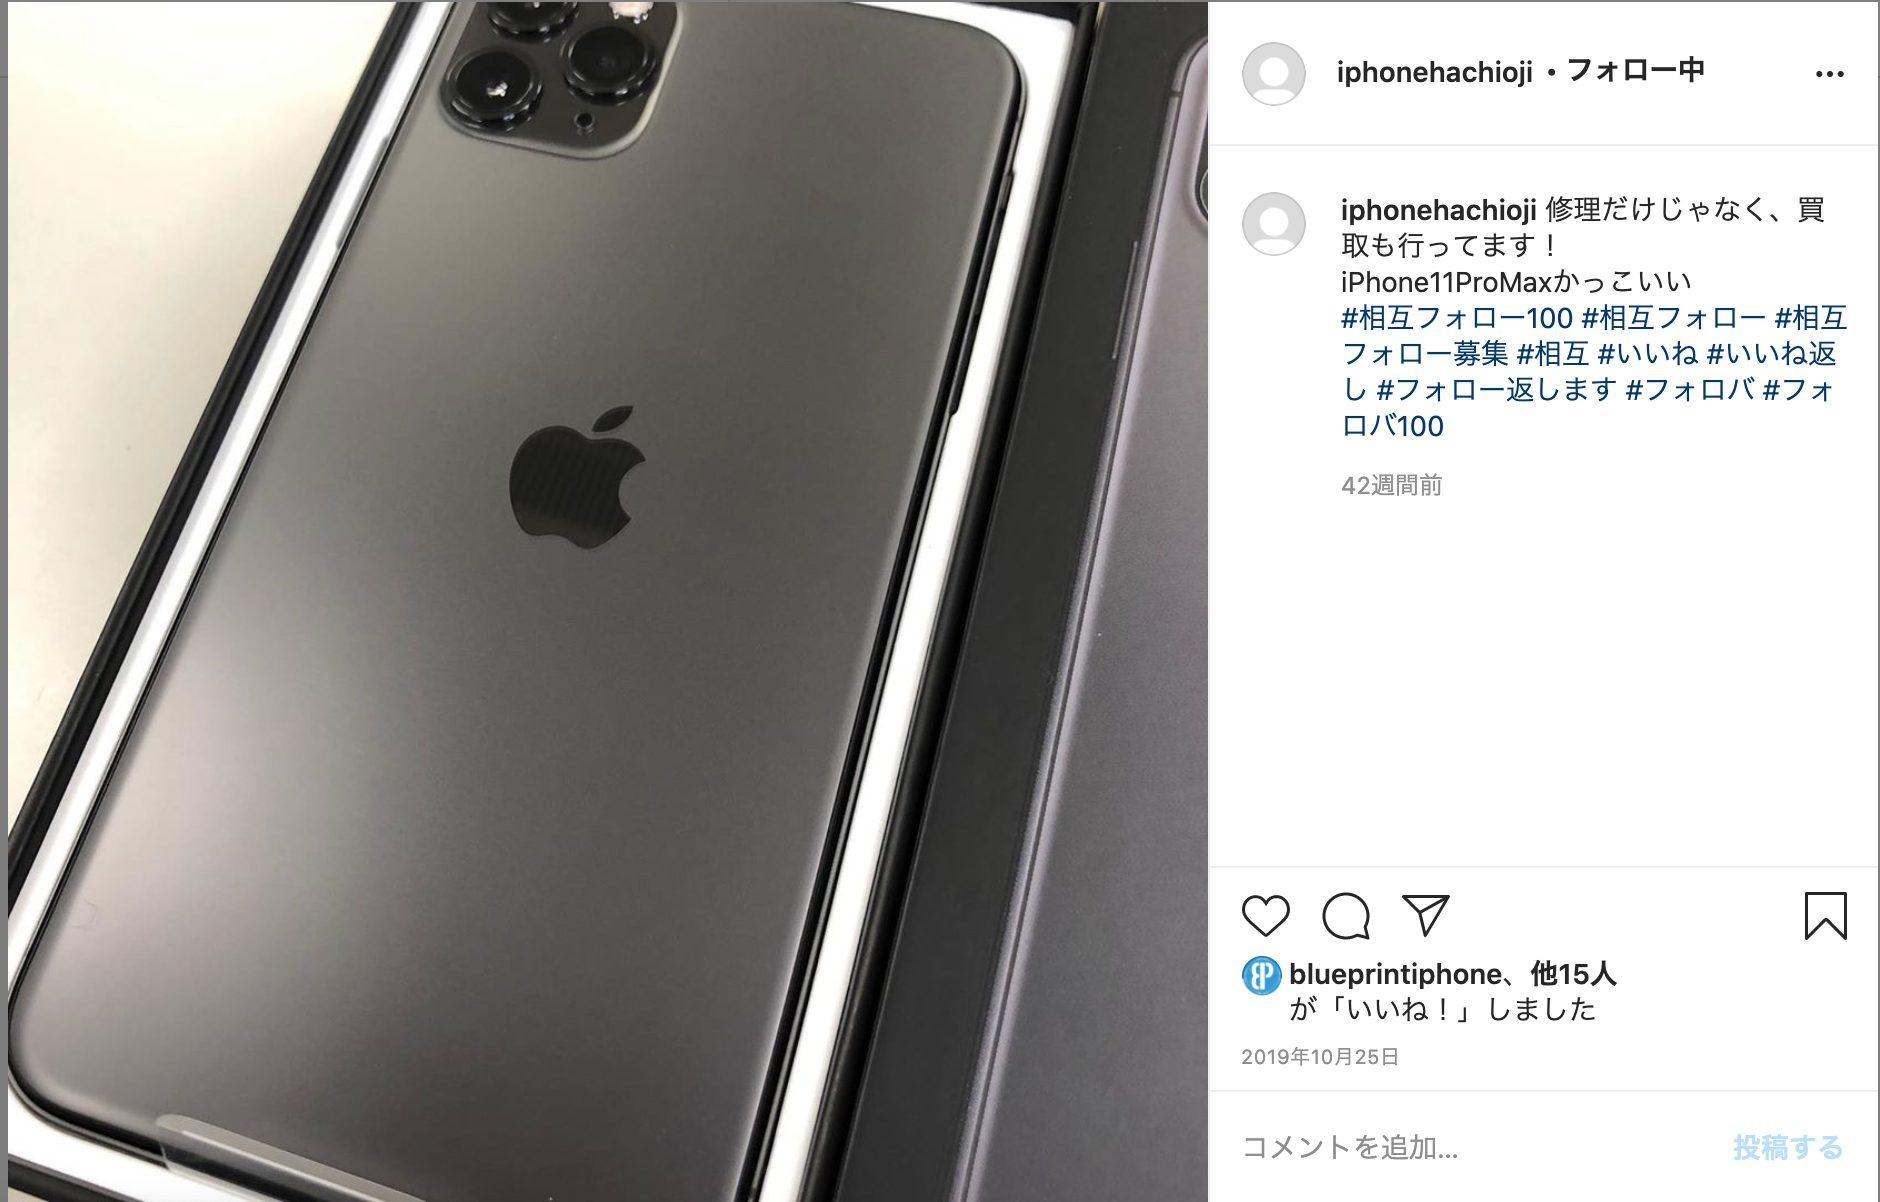 https://www.instagram.com/iphonehachioji/